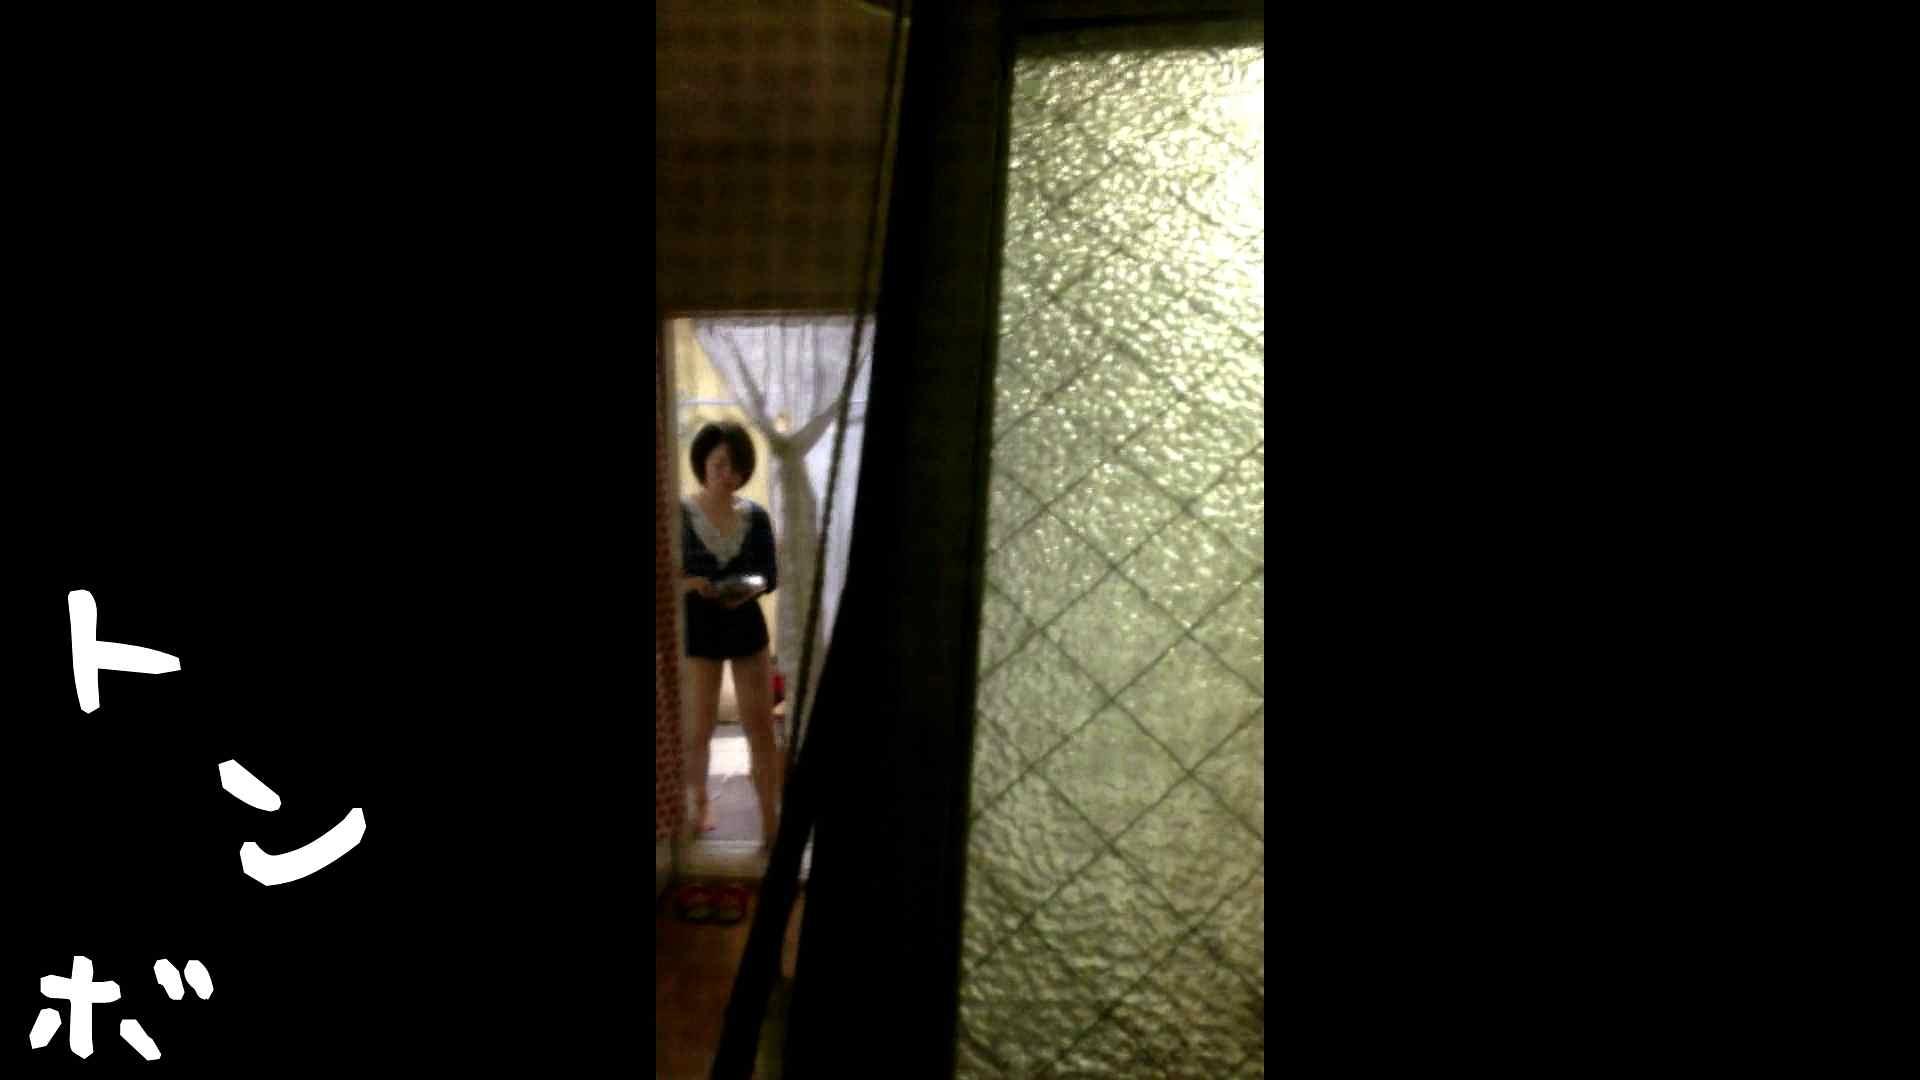 リアル盗撮 作家志望J子 アソコのお手入れ最中に感じてパンツを湿らす 潜入 覗きおまんこ画像 105pic 98